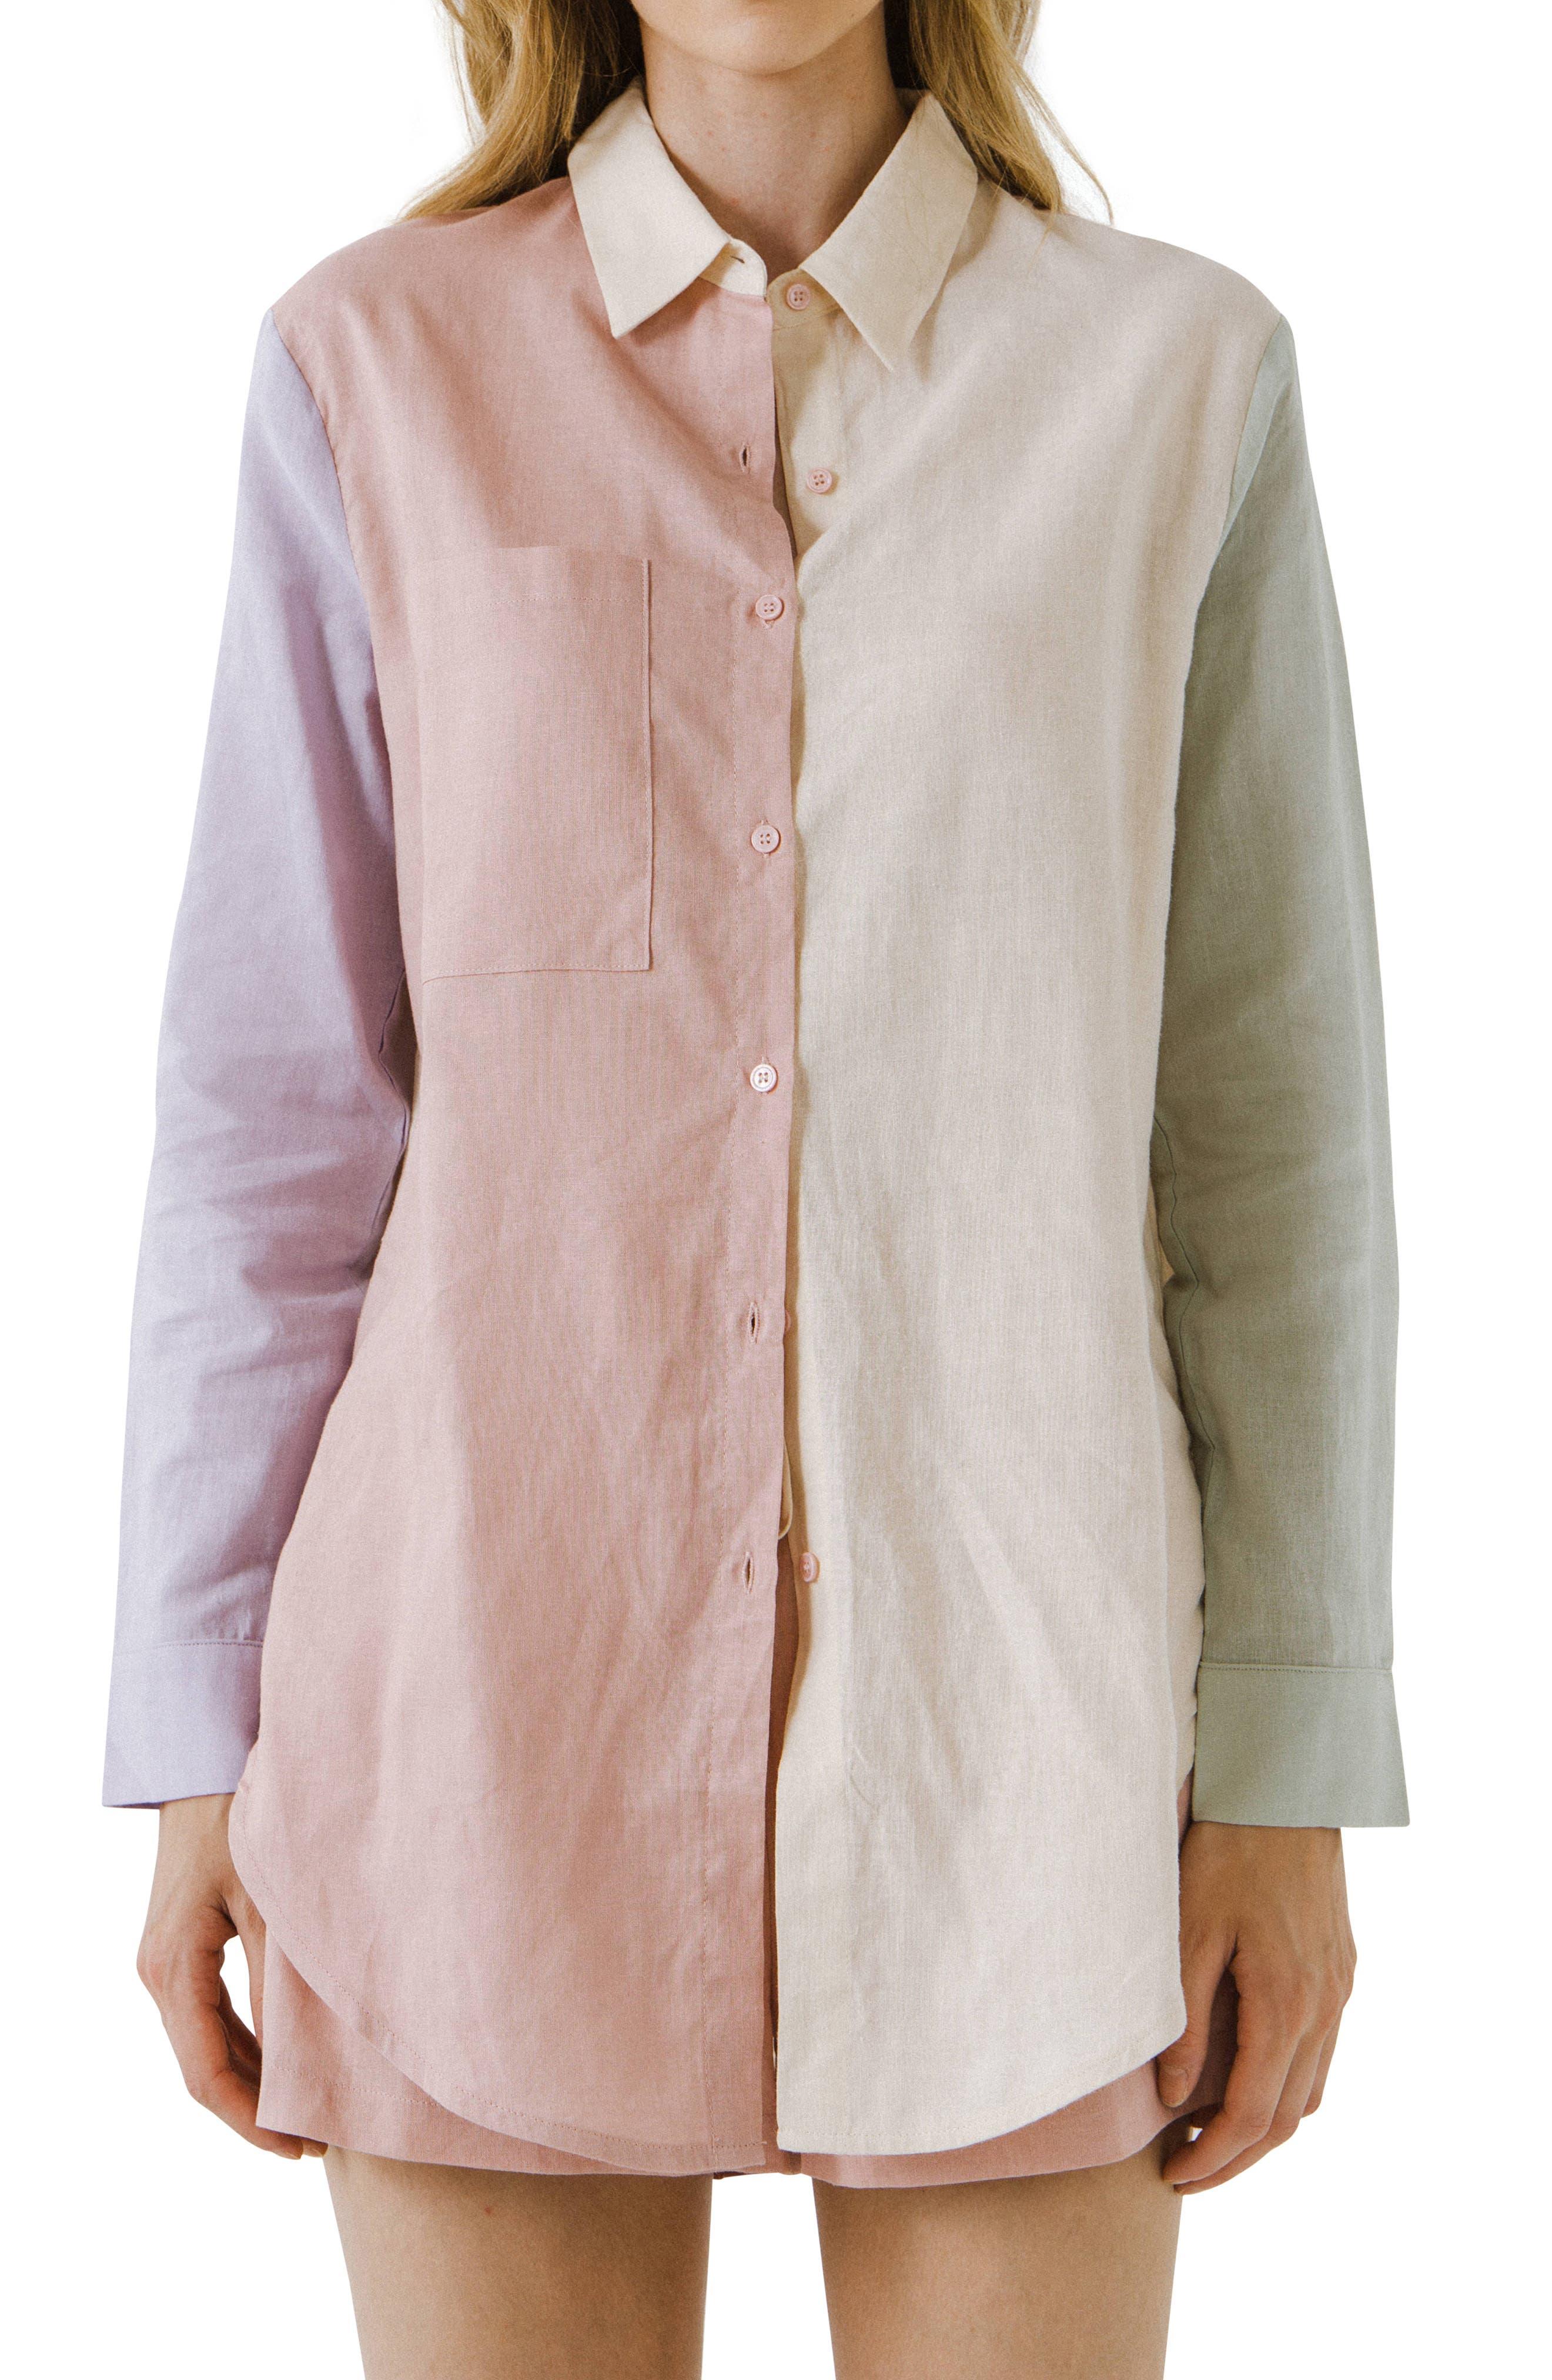 Colorblock Long Linen & Cotton Button-Up Shirt